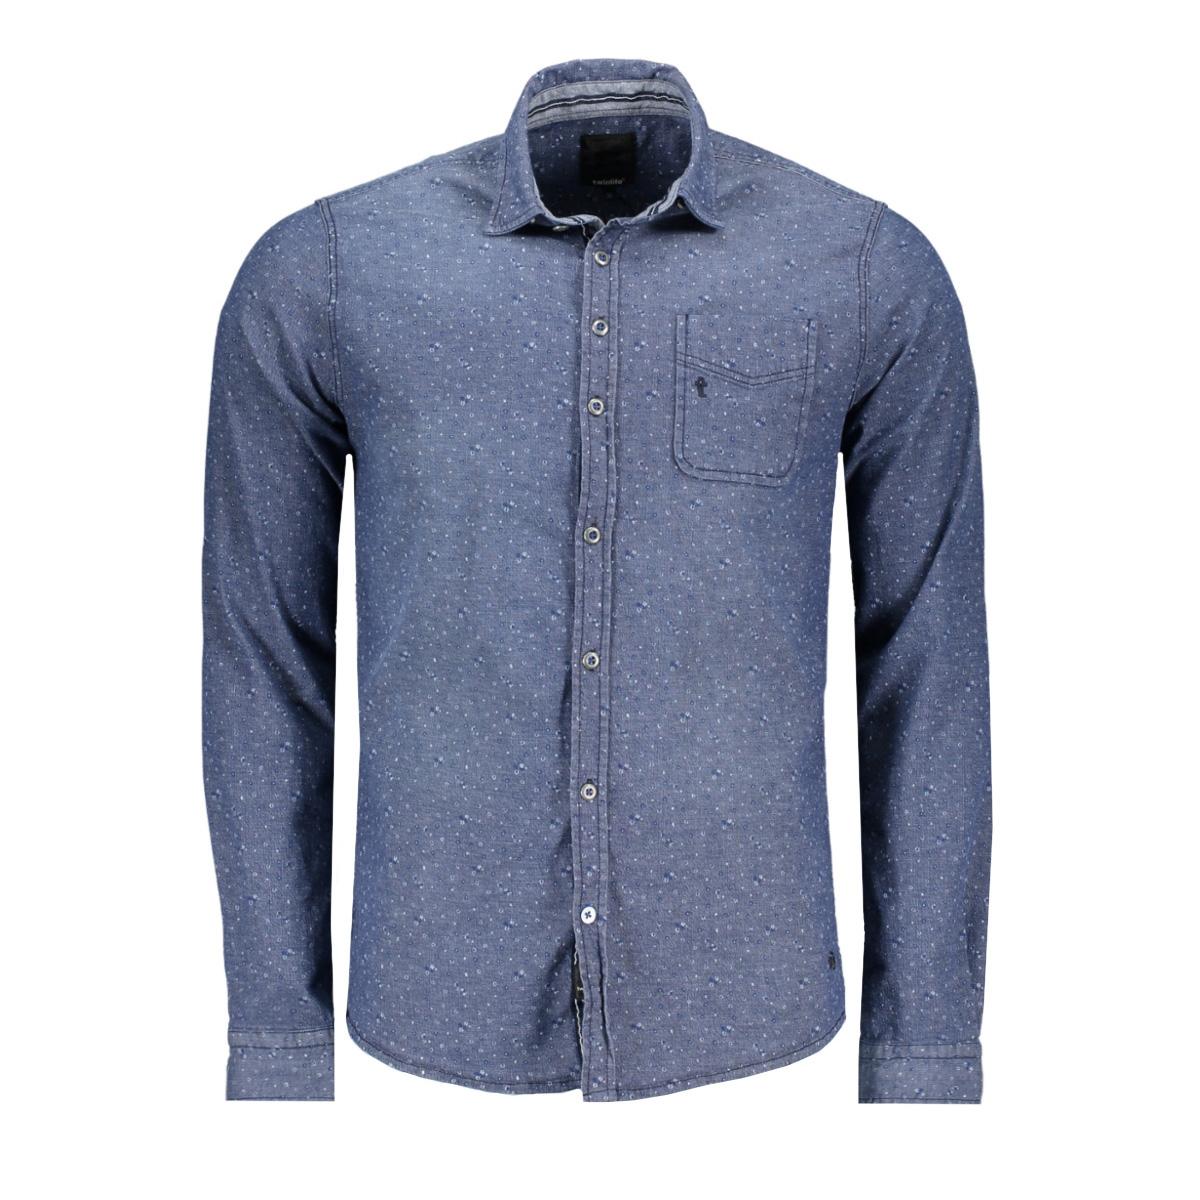 msh 851621 twinlife overhemd 6550 real indigo